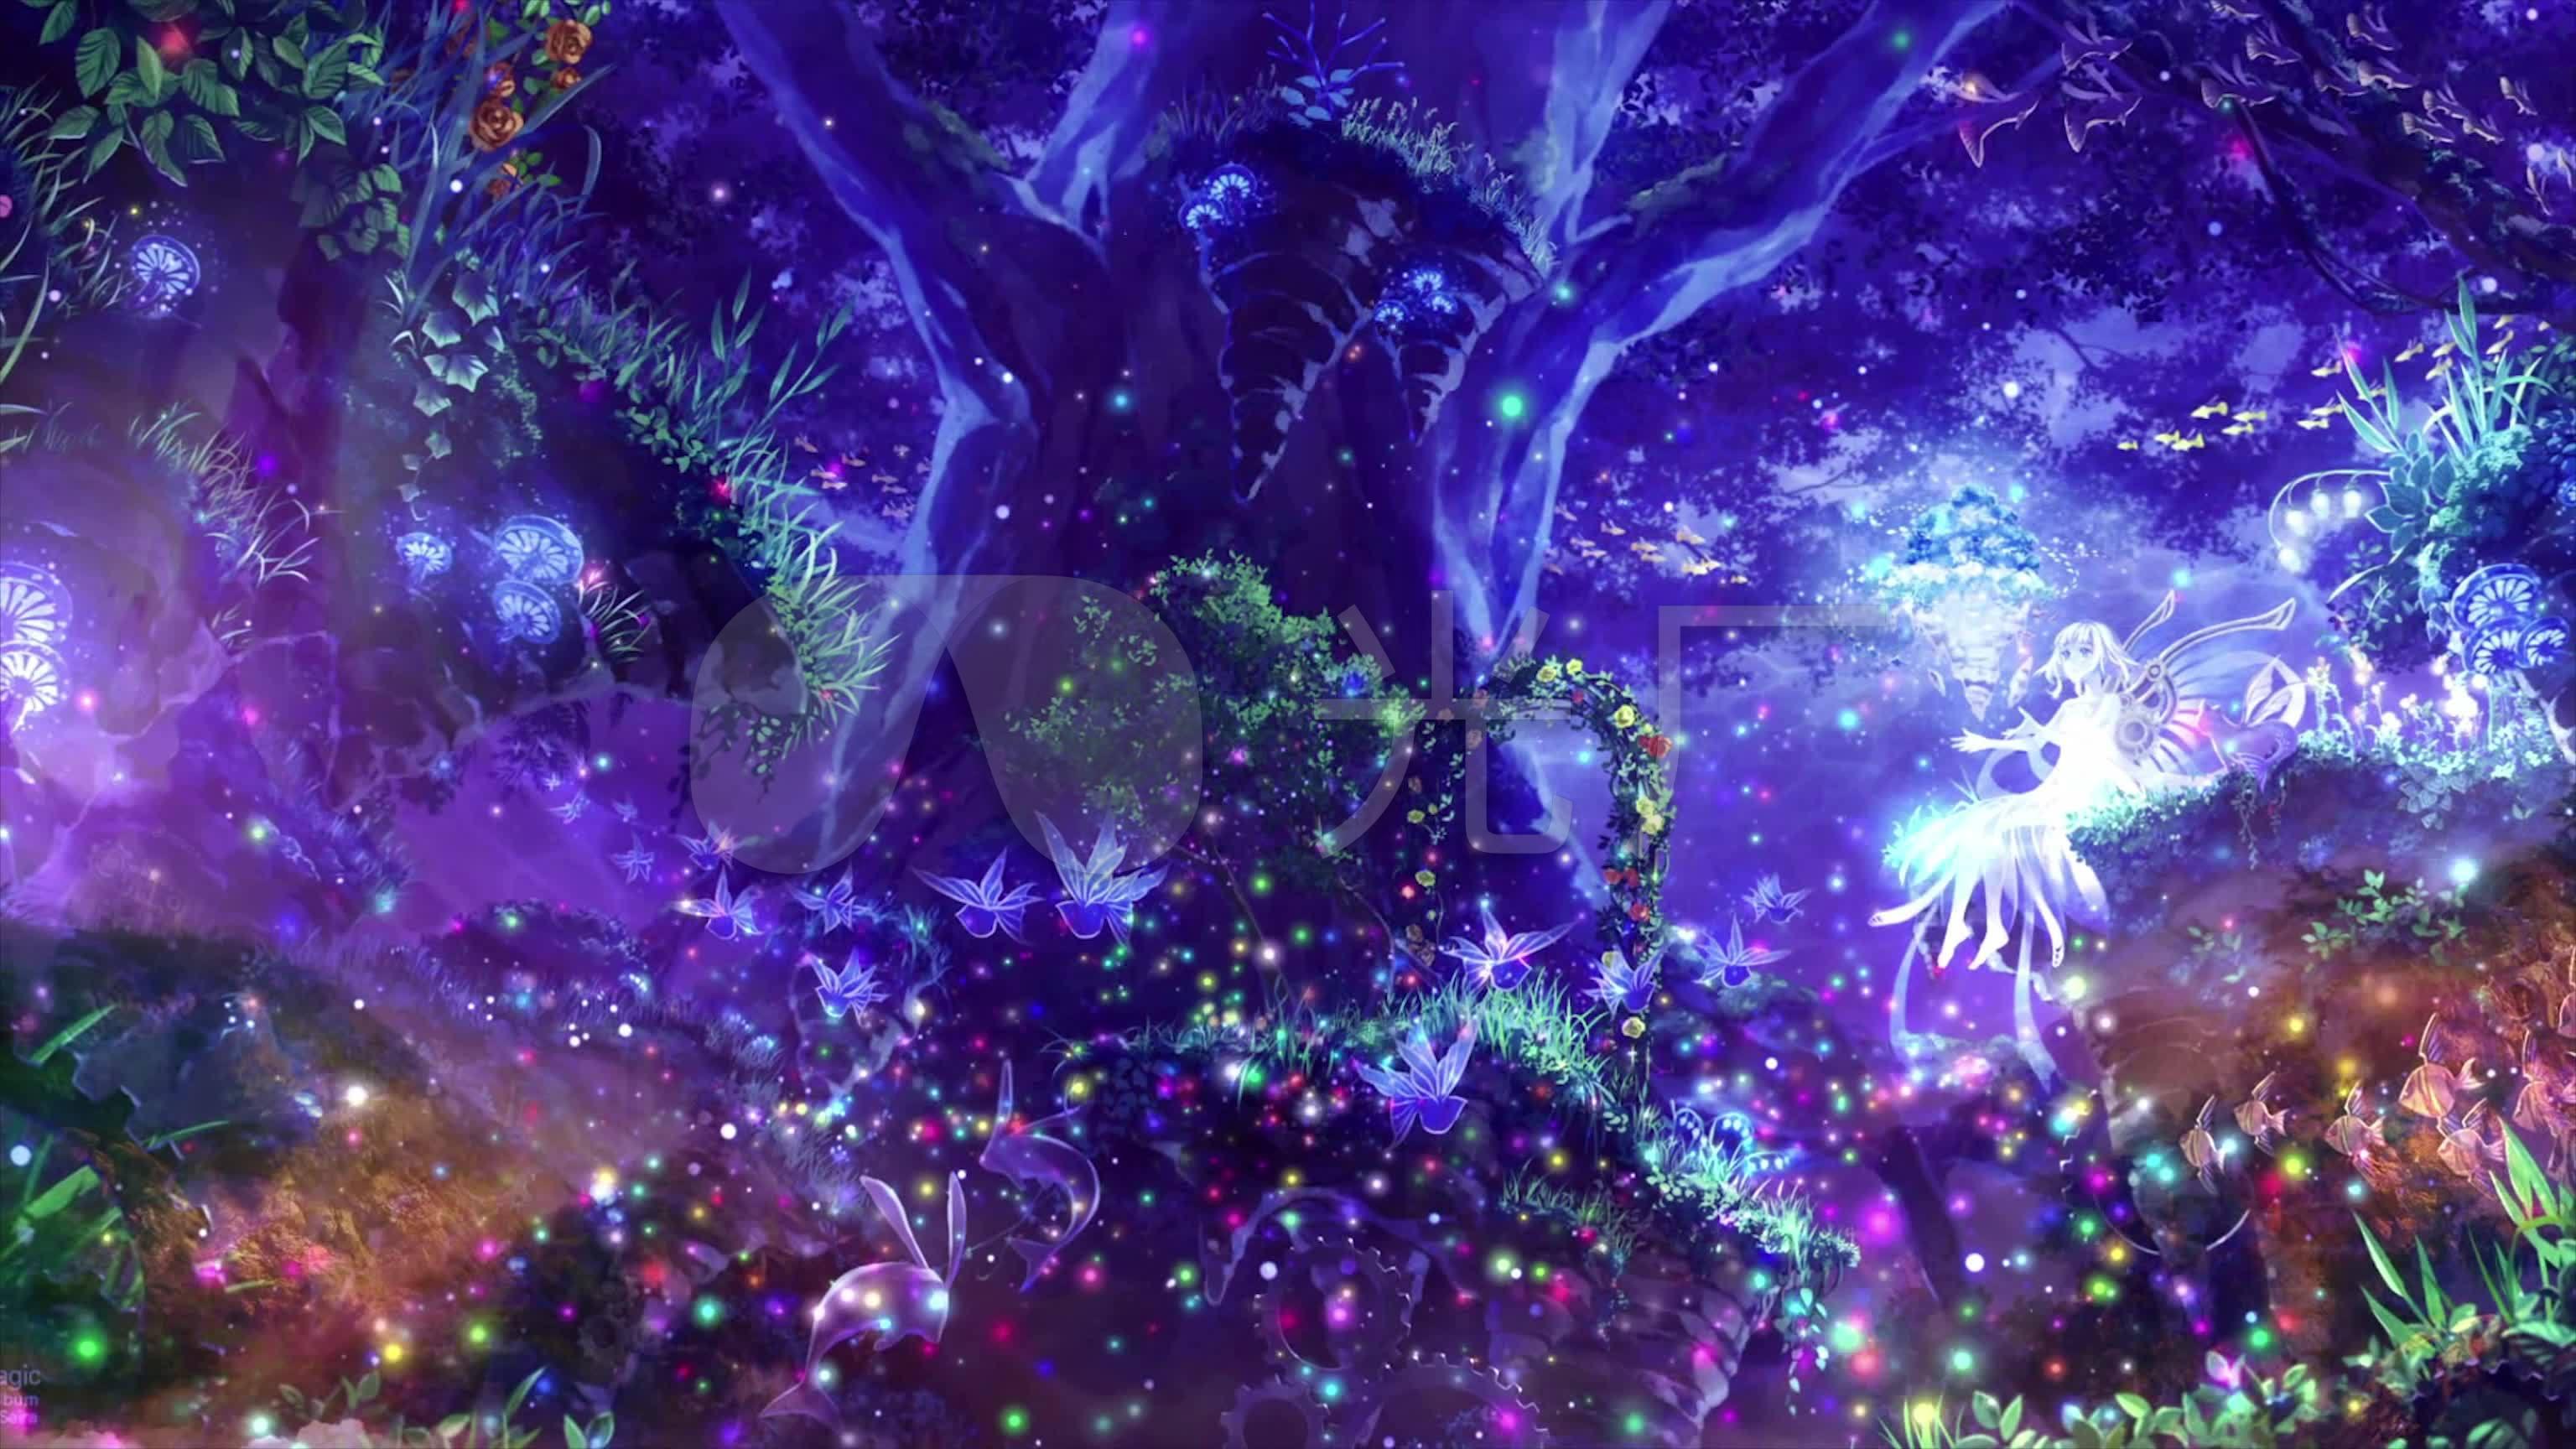 唯美粒子梦幻森林精灵仙女3k高清视频素材图片